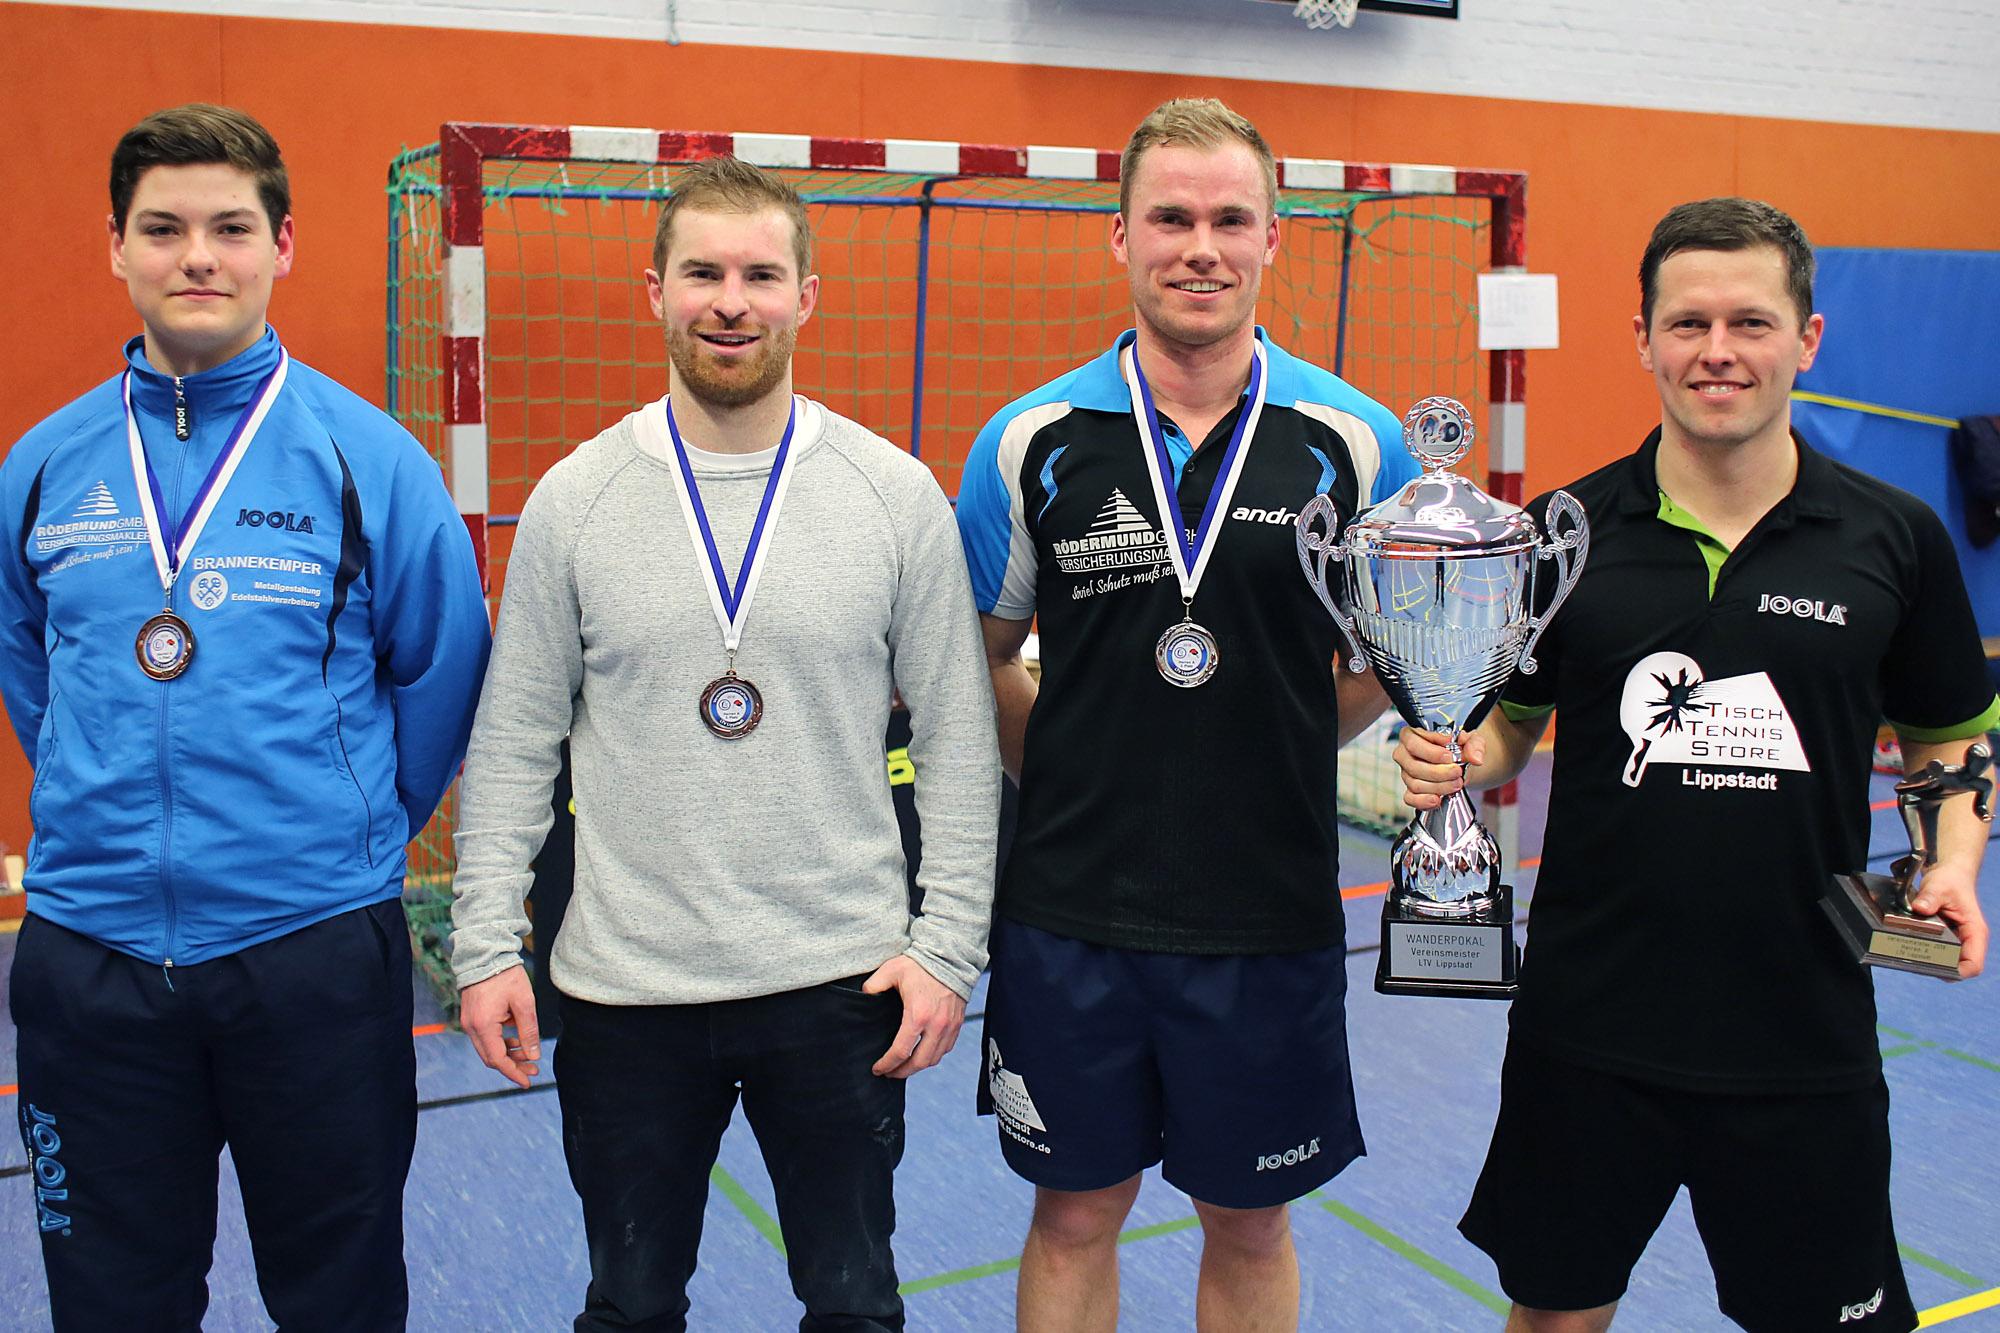 Gleitsmann und Thaldorf neue Vereinsmeister